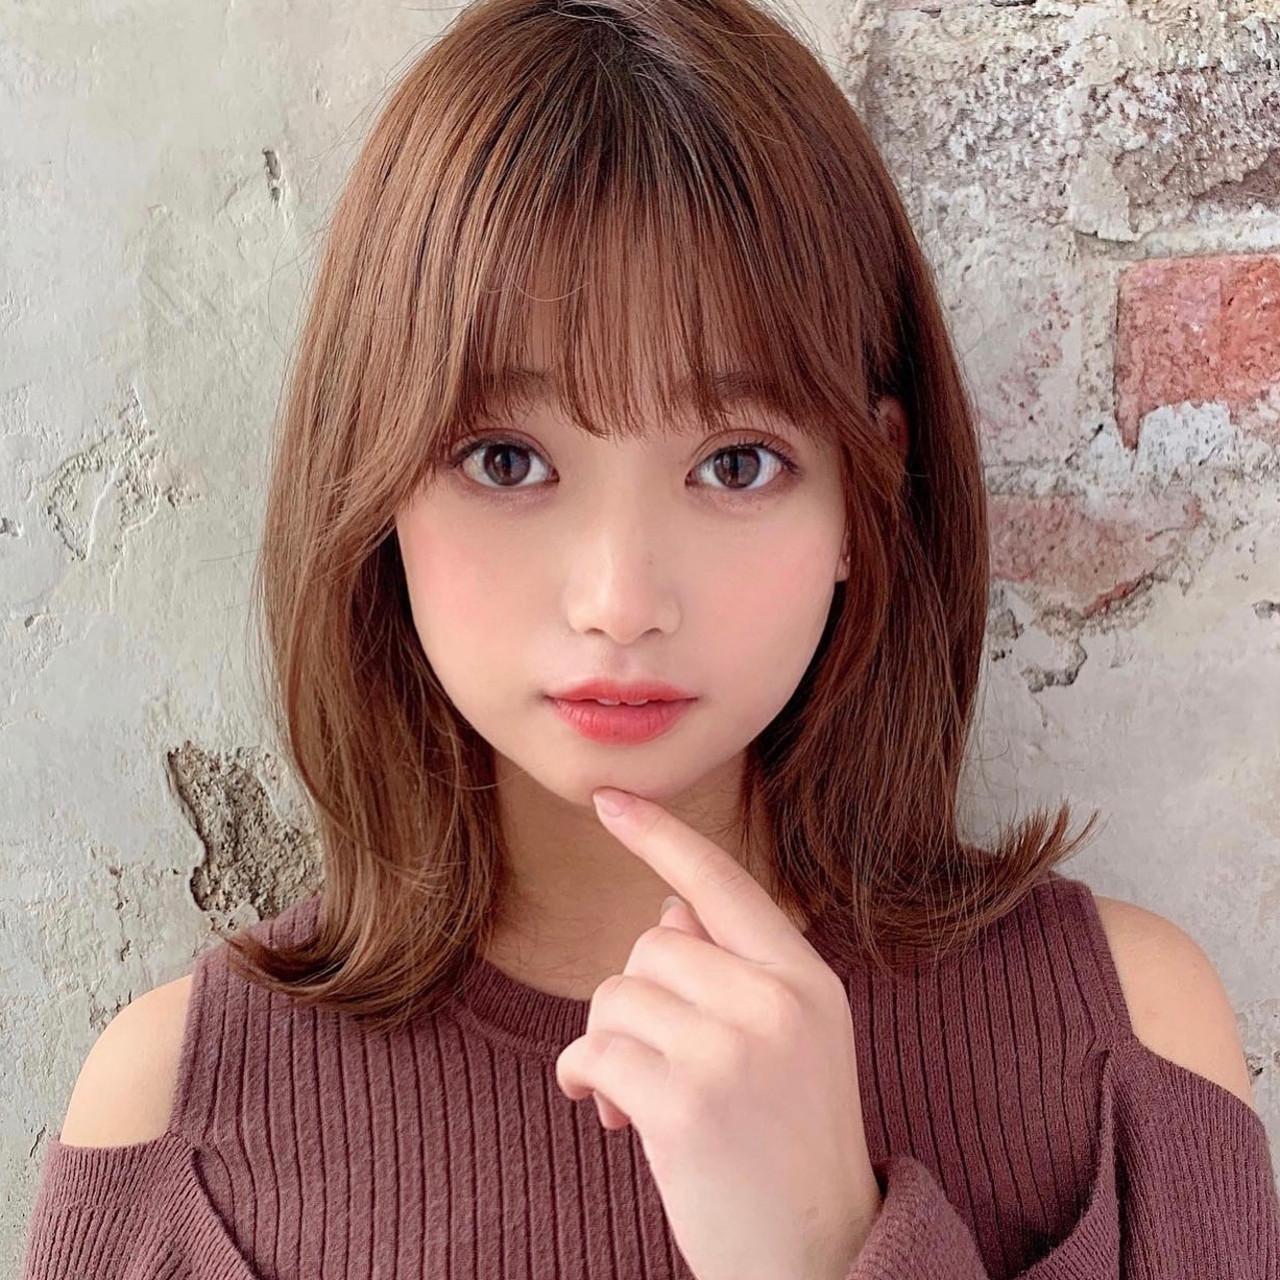 ミディアム 大人可愛い 韓国 韓国風ヘアー ヘアスタイルや髪型の写真・画像